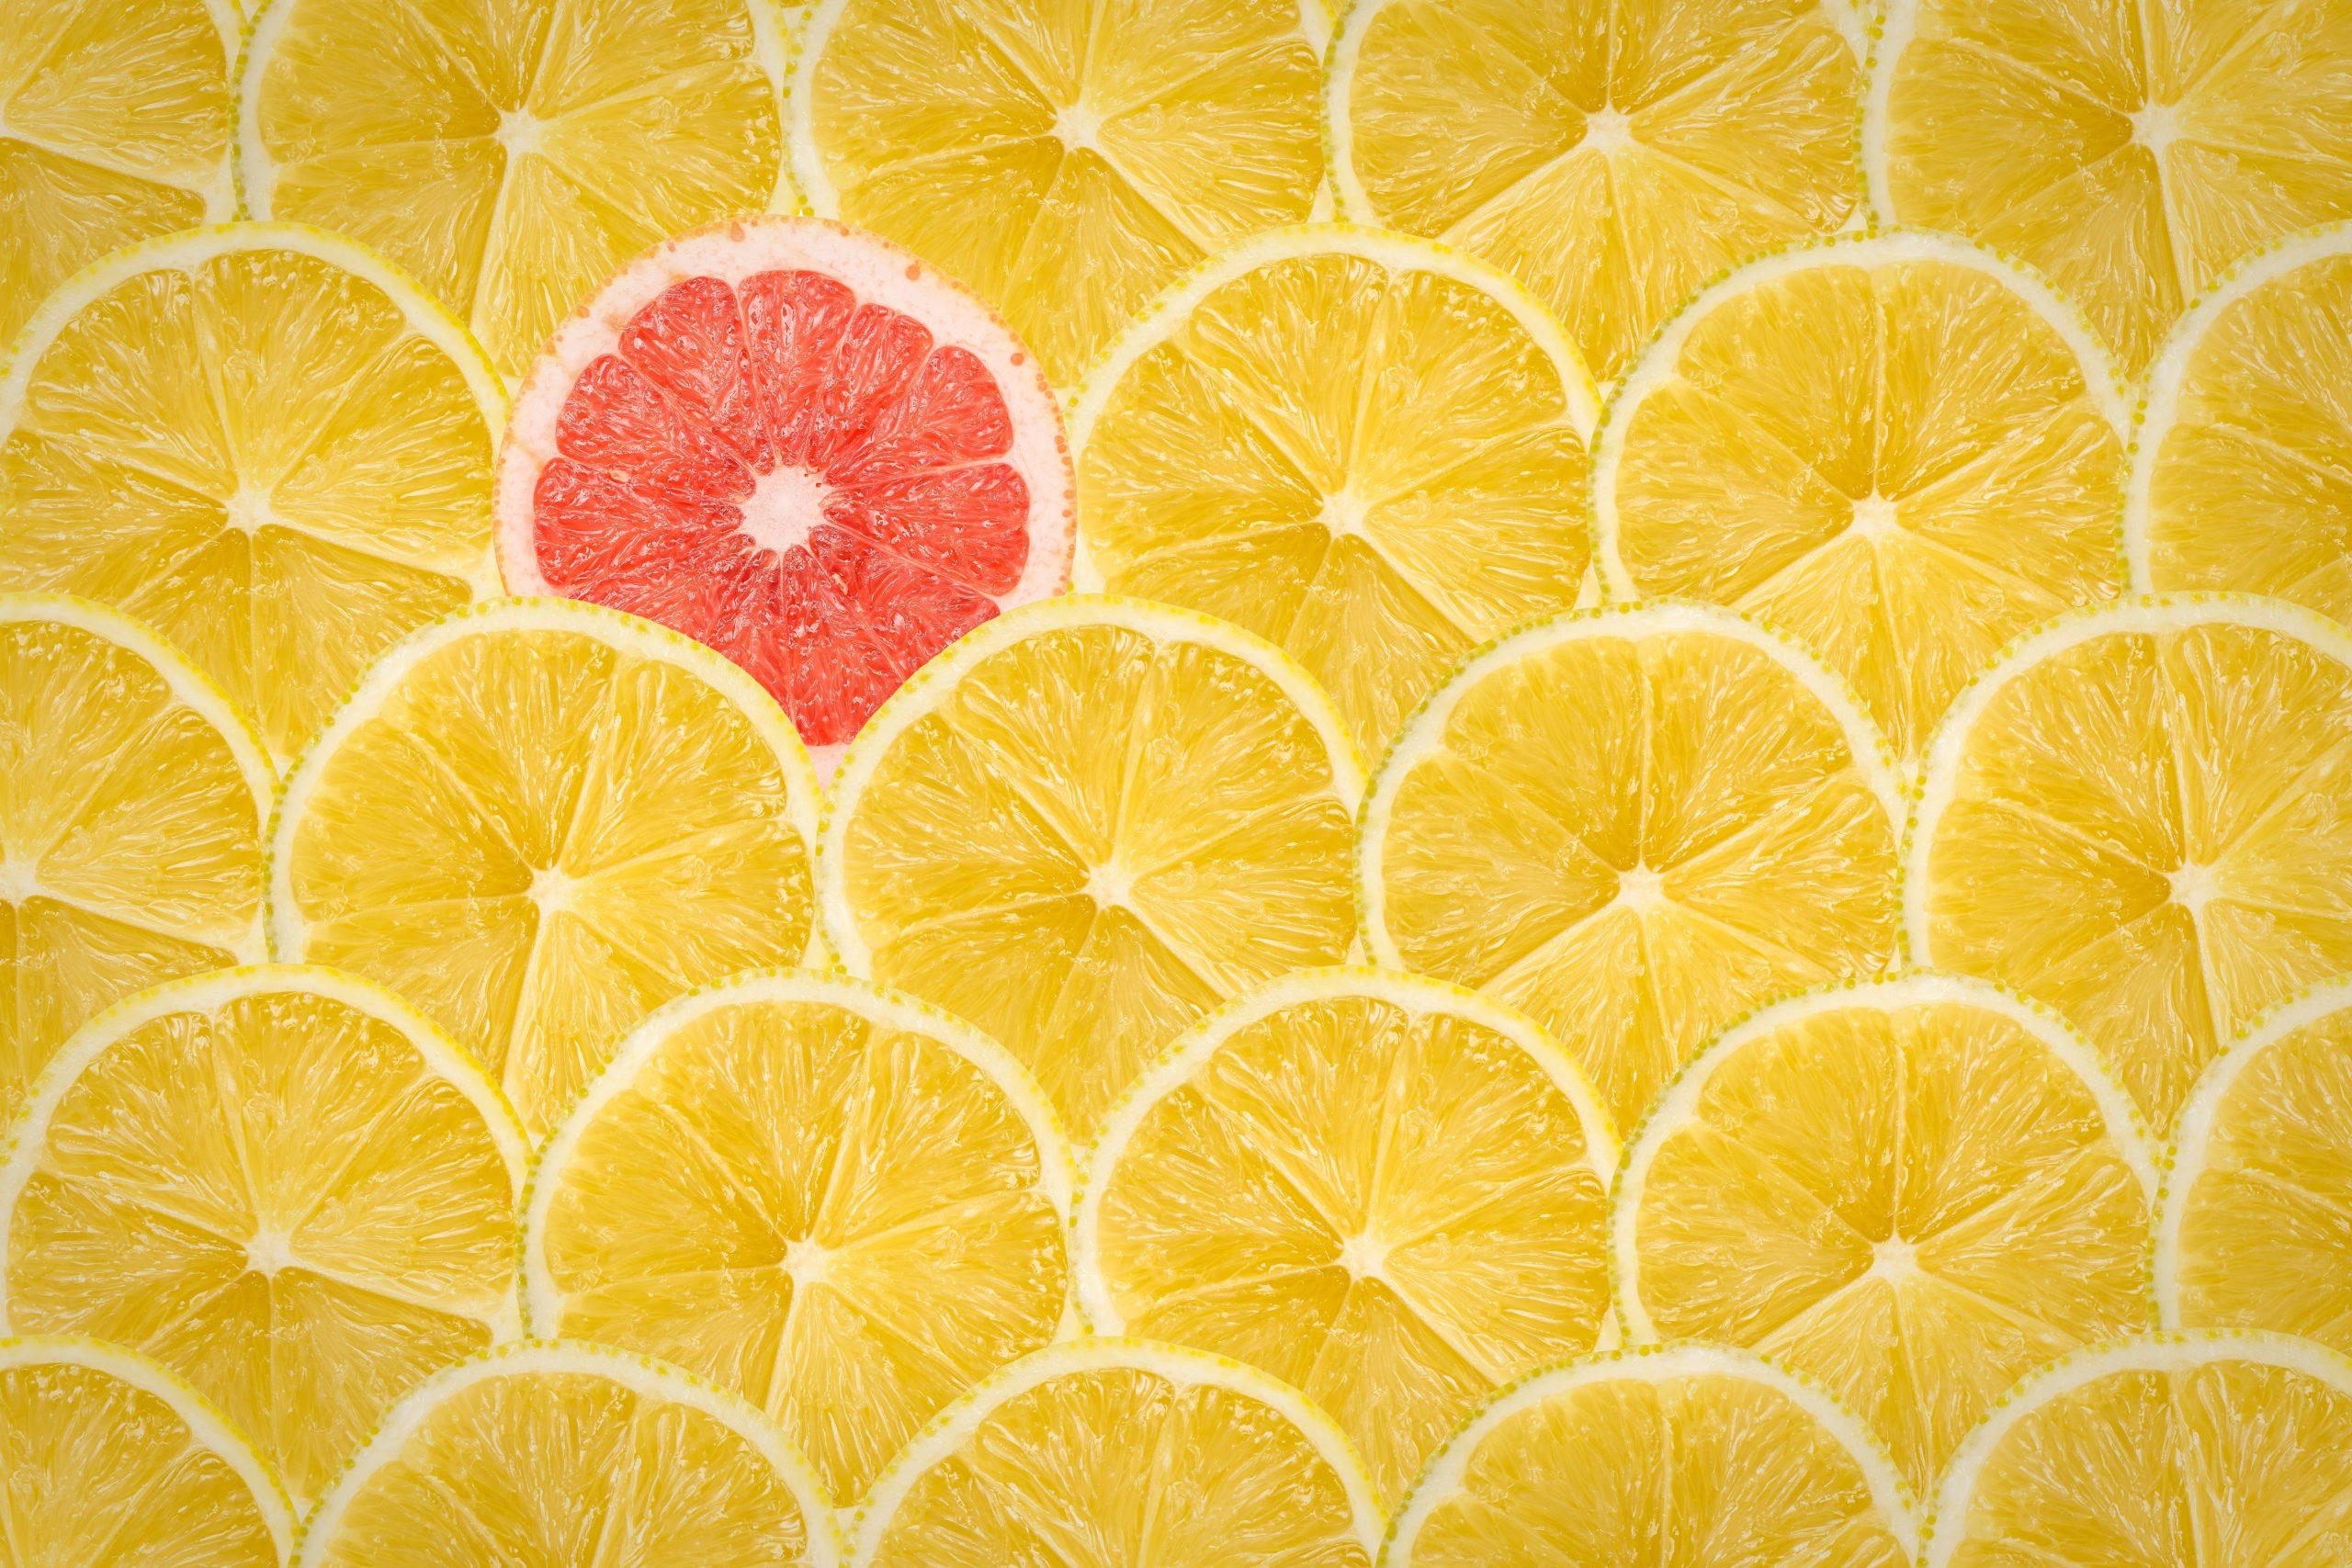 Lemon Slices, Unique | Jack R. Hayes